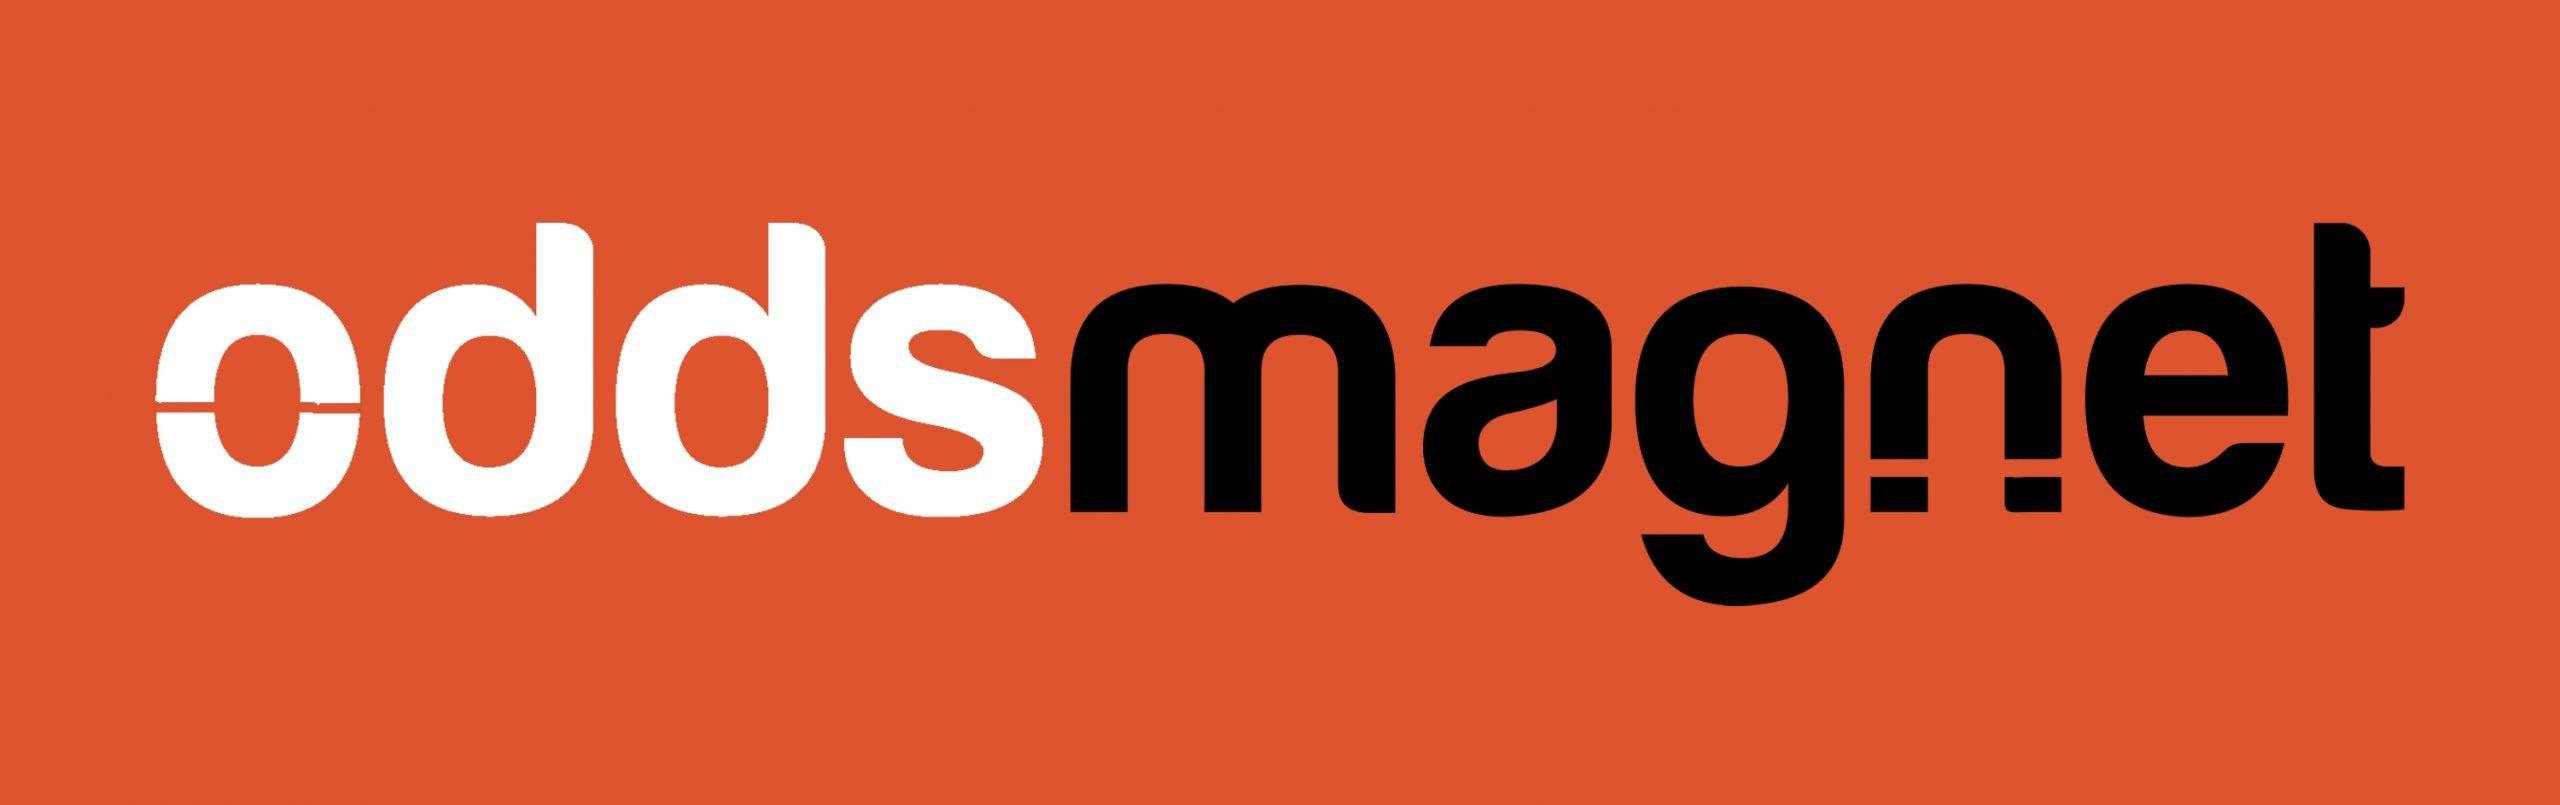 Oddsmagnet Logo